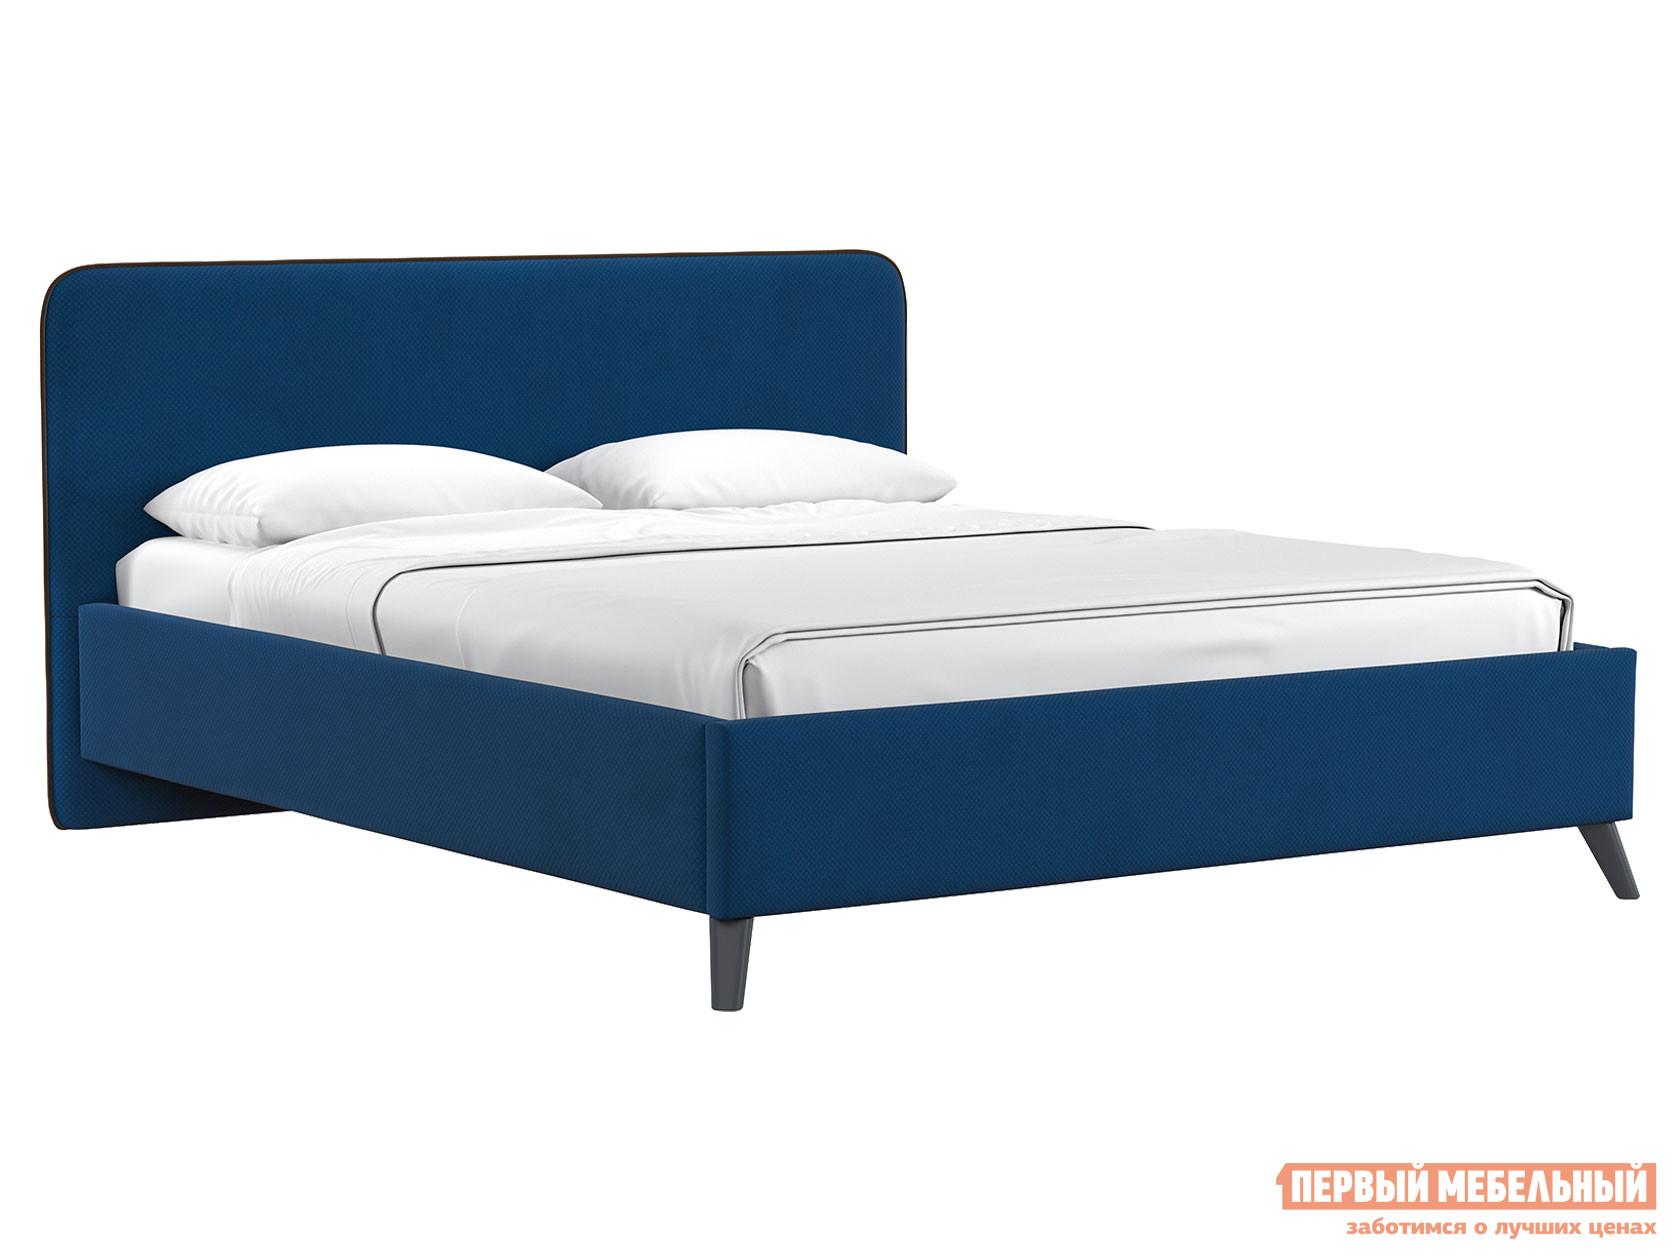 Двуспальная кровать  Кровать с подъемным механизмом Миа 1600 Х 2000 мм, Сапфировый, велюр